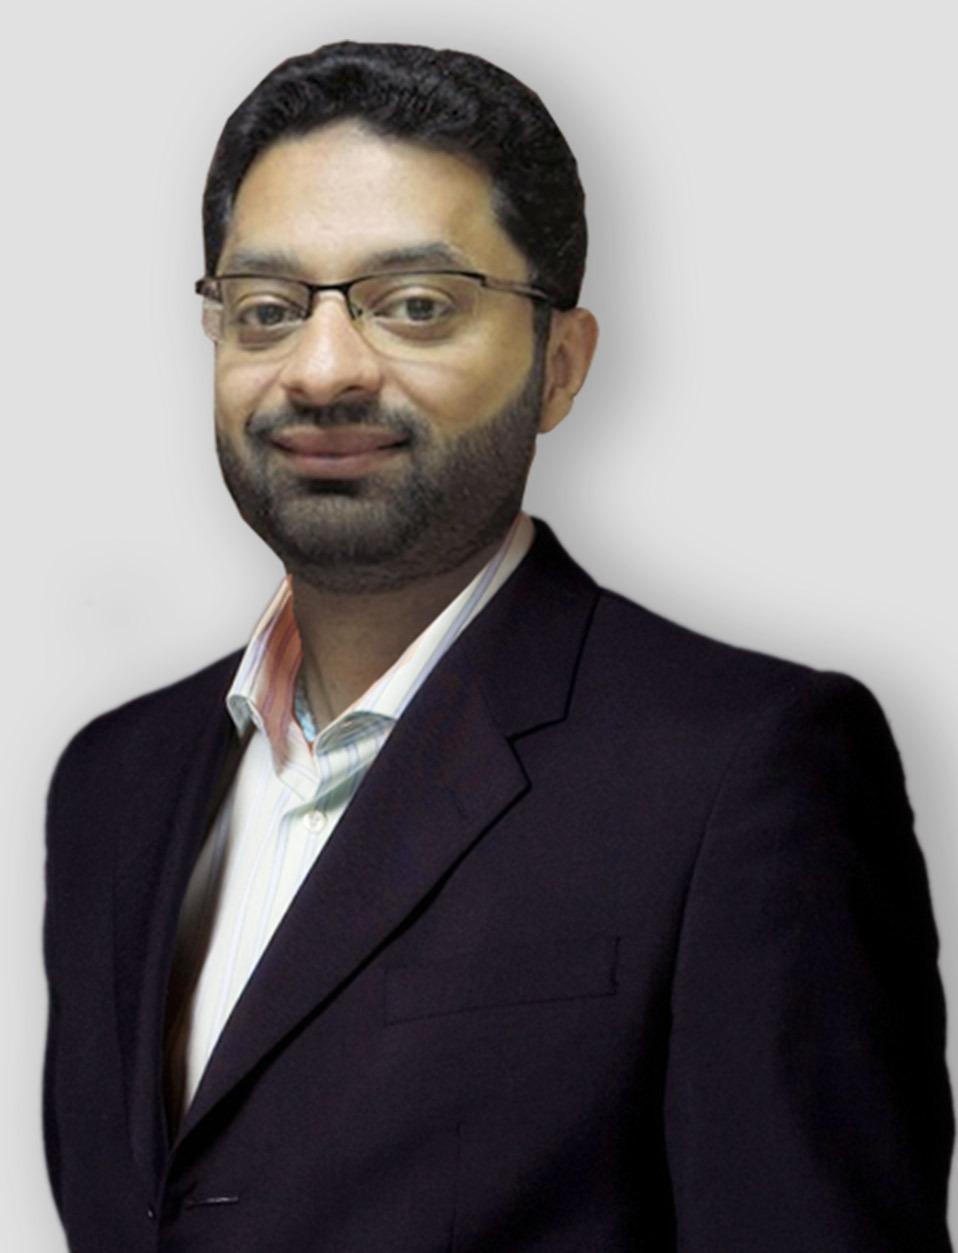 Imran Soofi